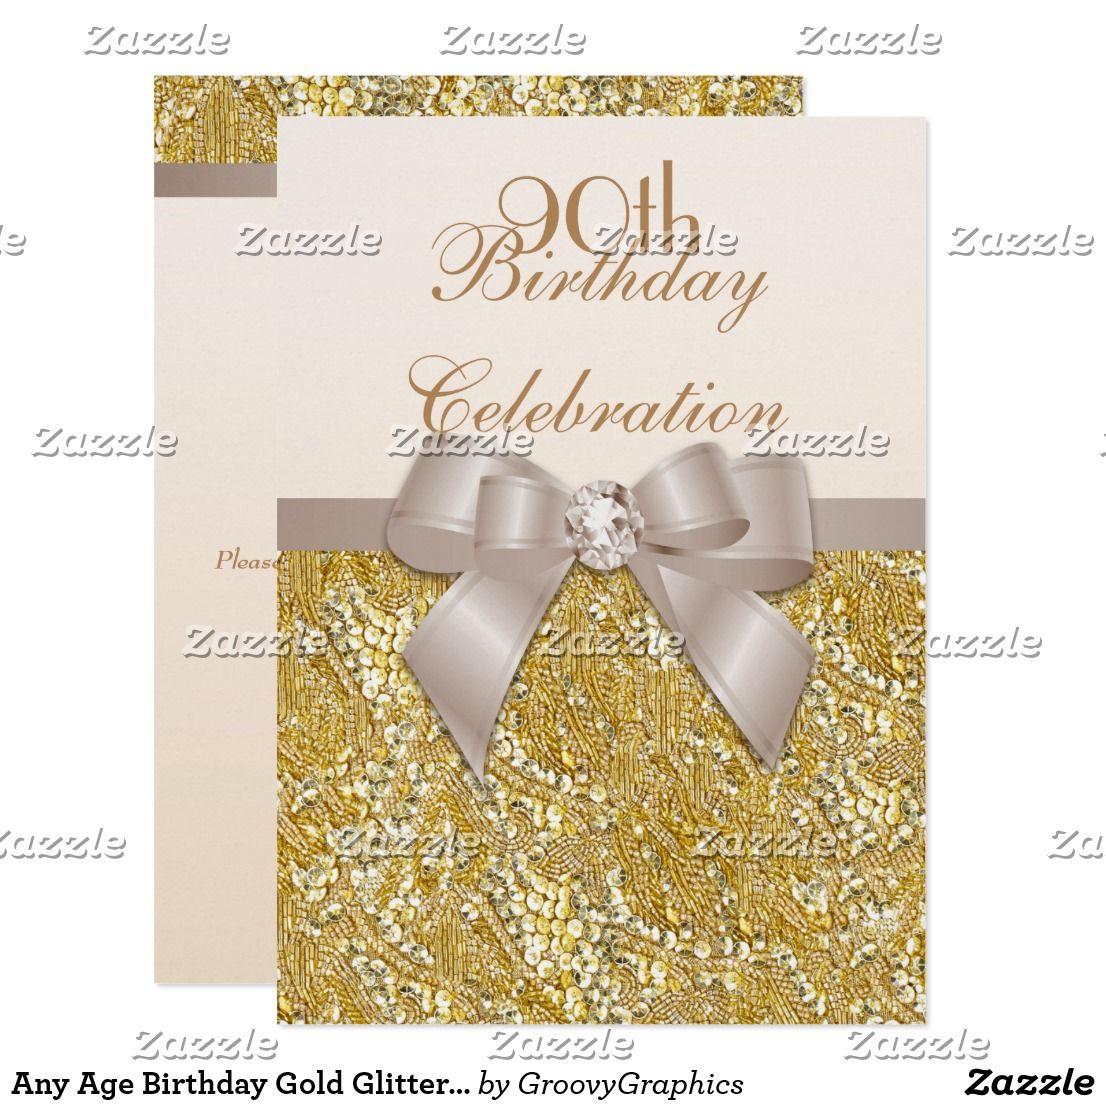 Any age birthday gold glitter diamond bow invitation